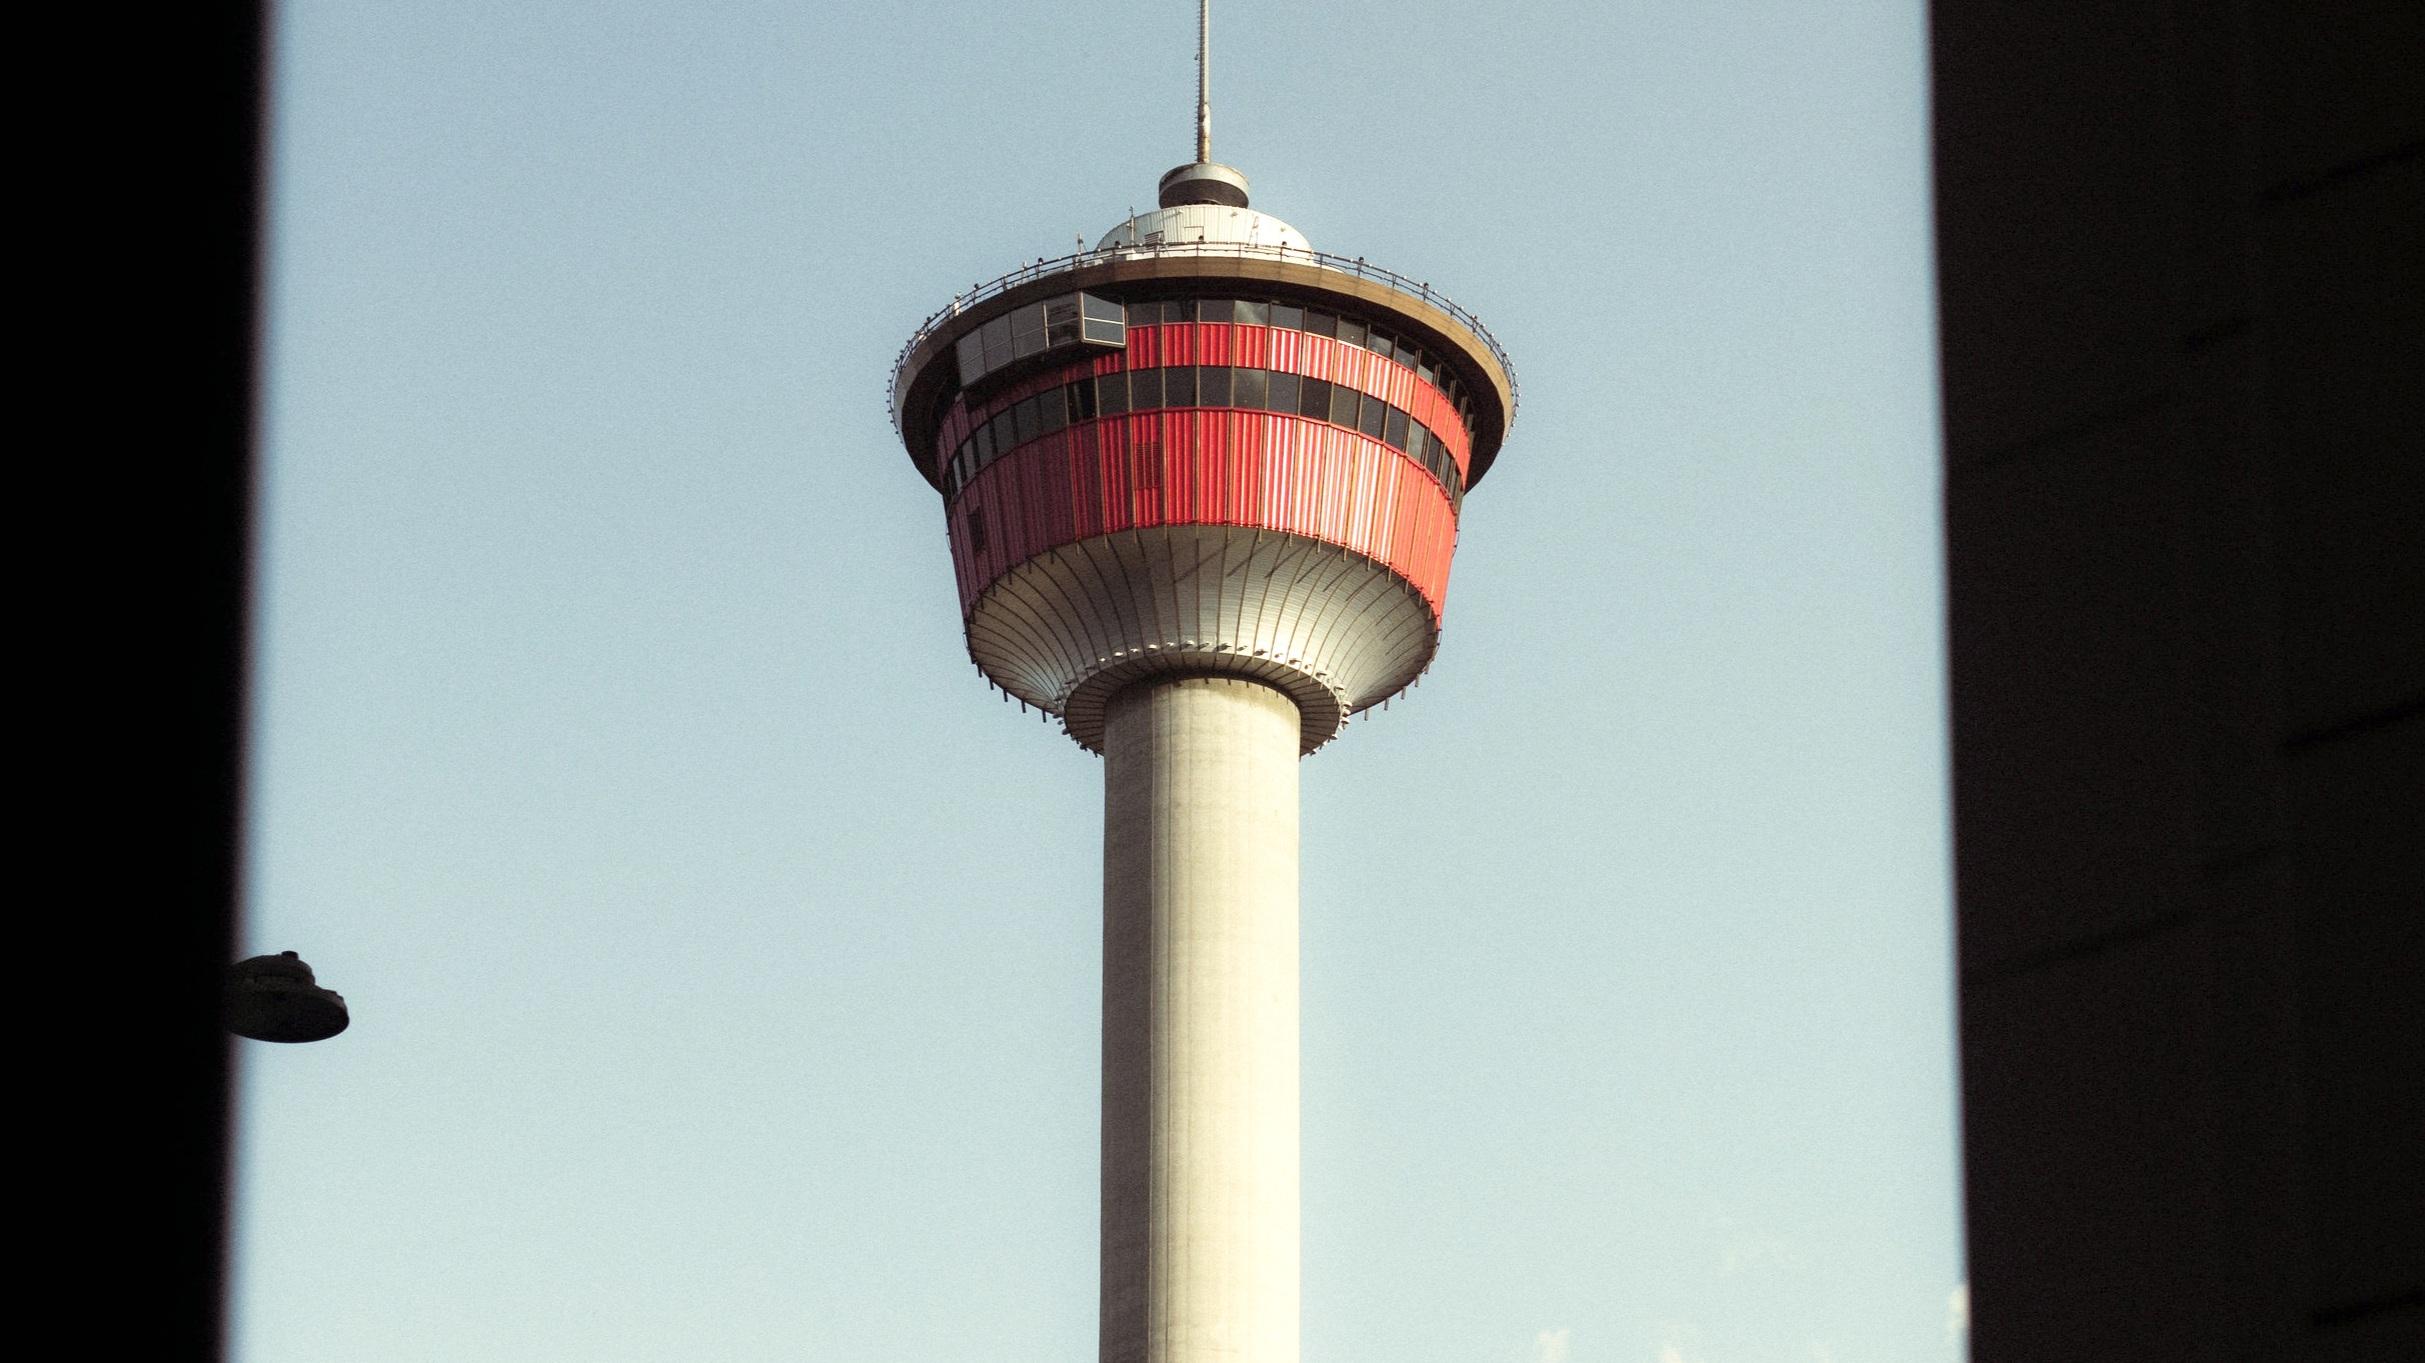 Calgary Tower - Den här 200 meter höga byggnaden har kommit att bli något av en symbol för staden. Väljer du att resa till Calgary rekommenderar vi att du njuter av utsikten här.